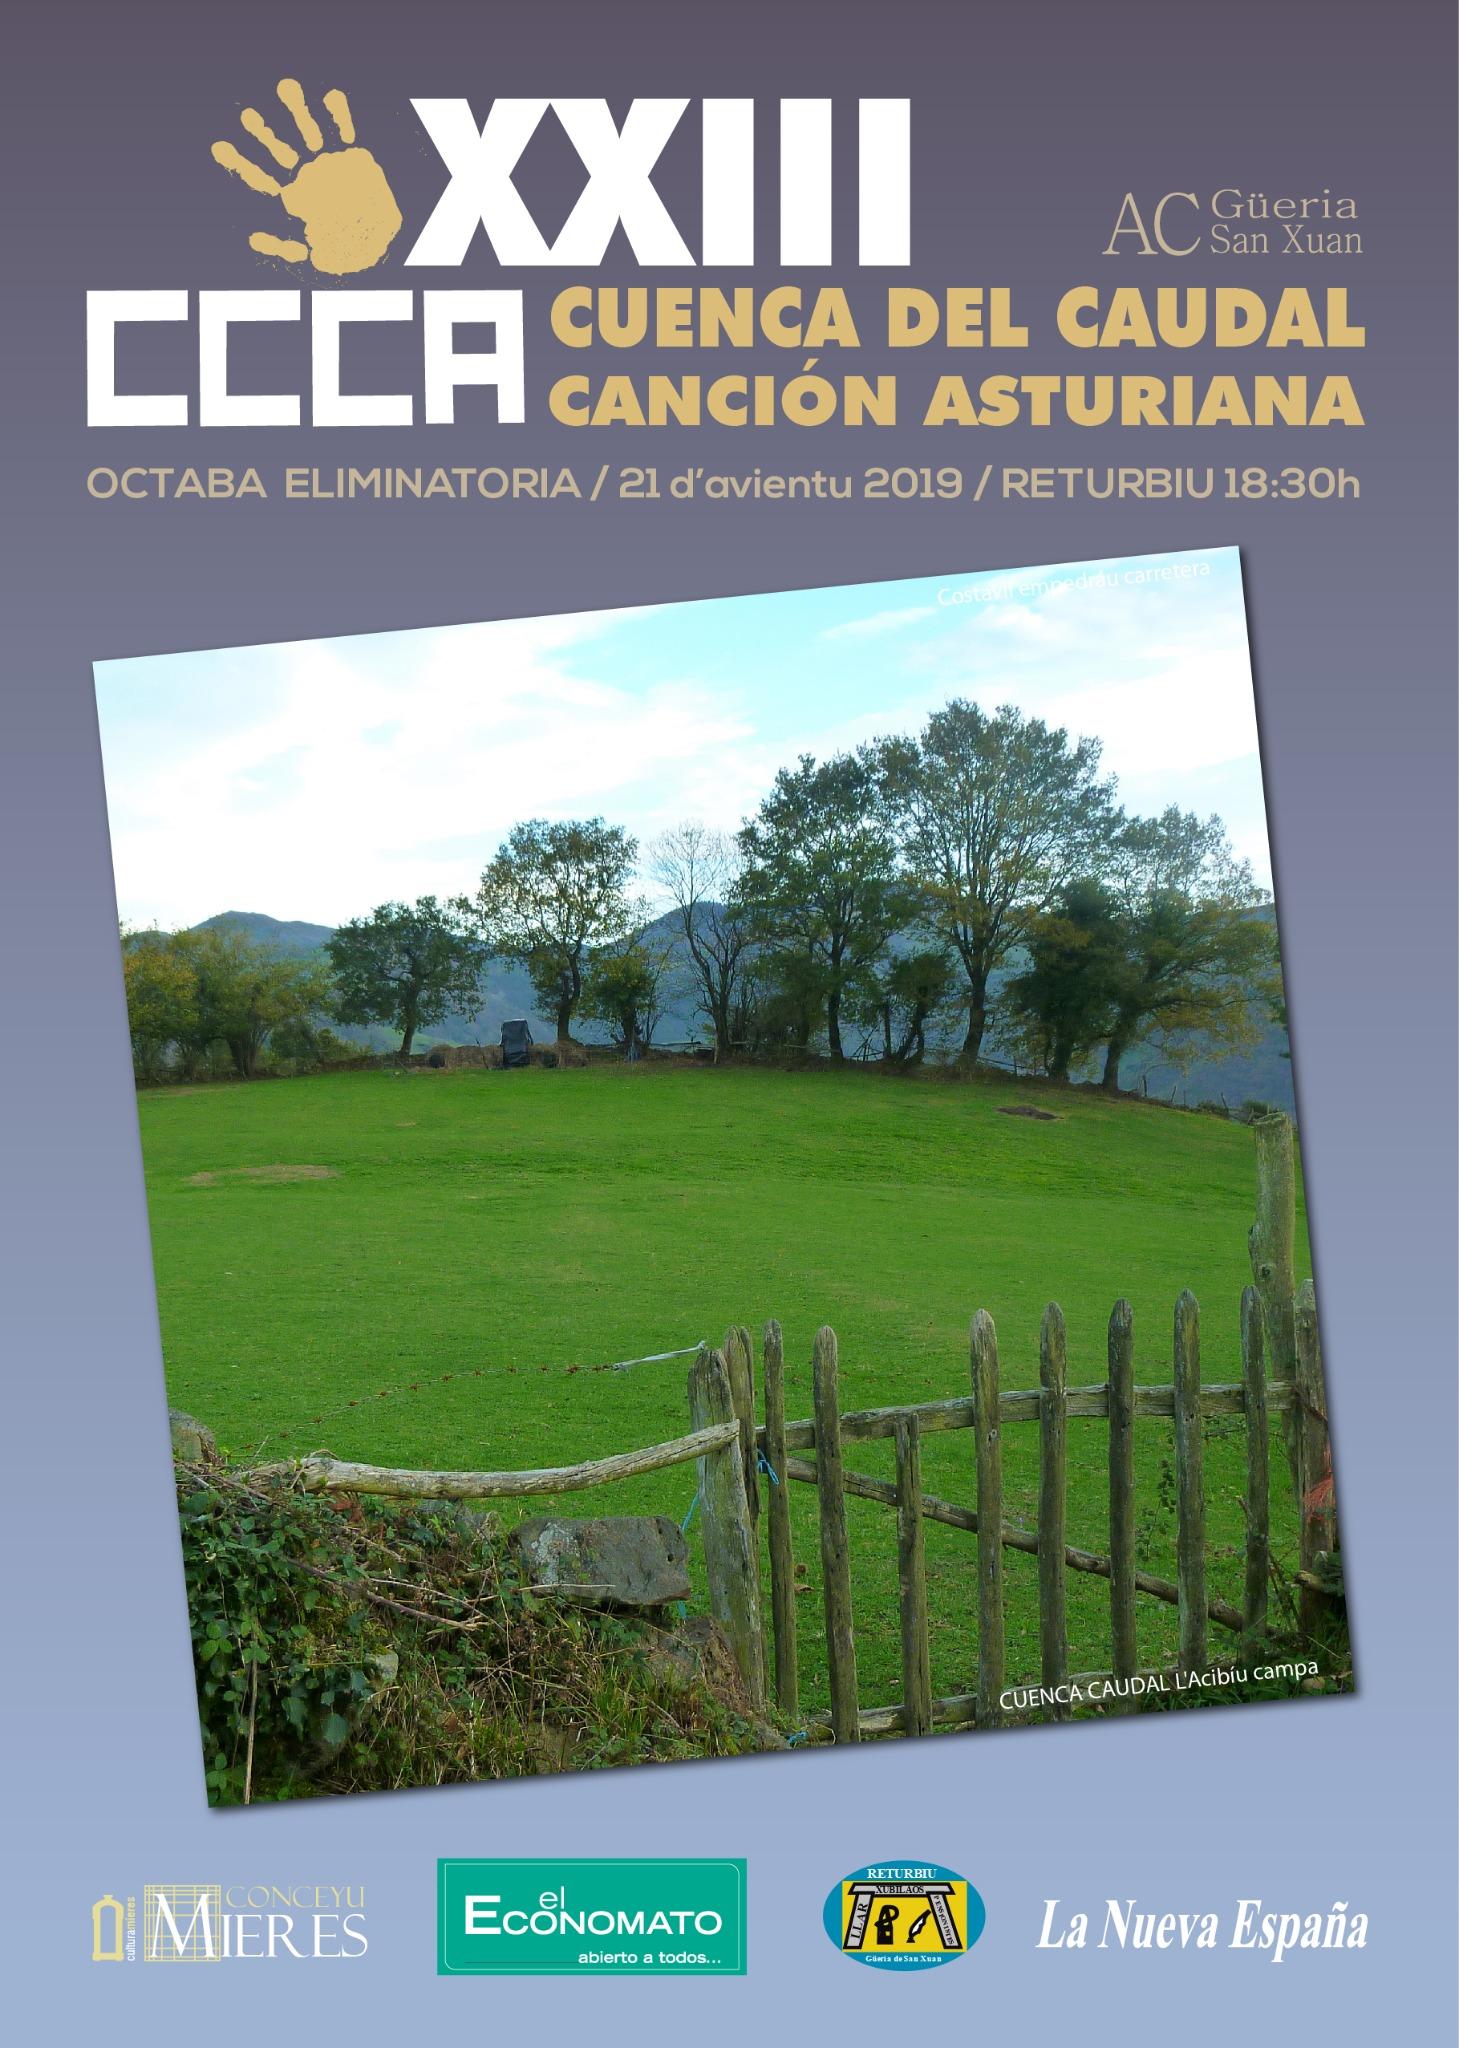 Concursu Cuenca Caudal 2019 Octava Eliminatoria